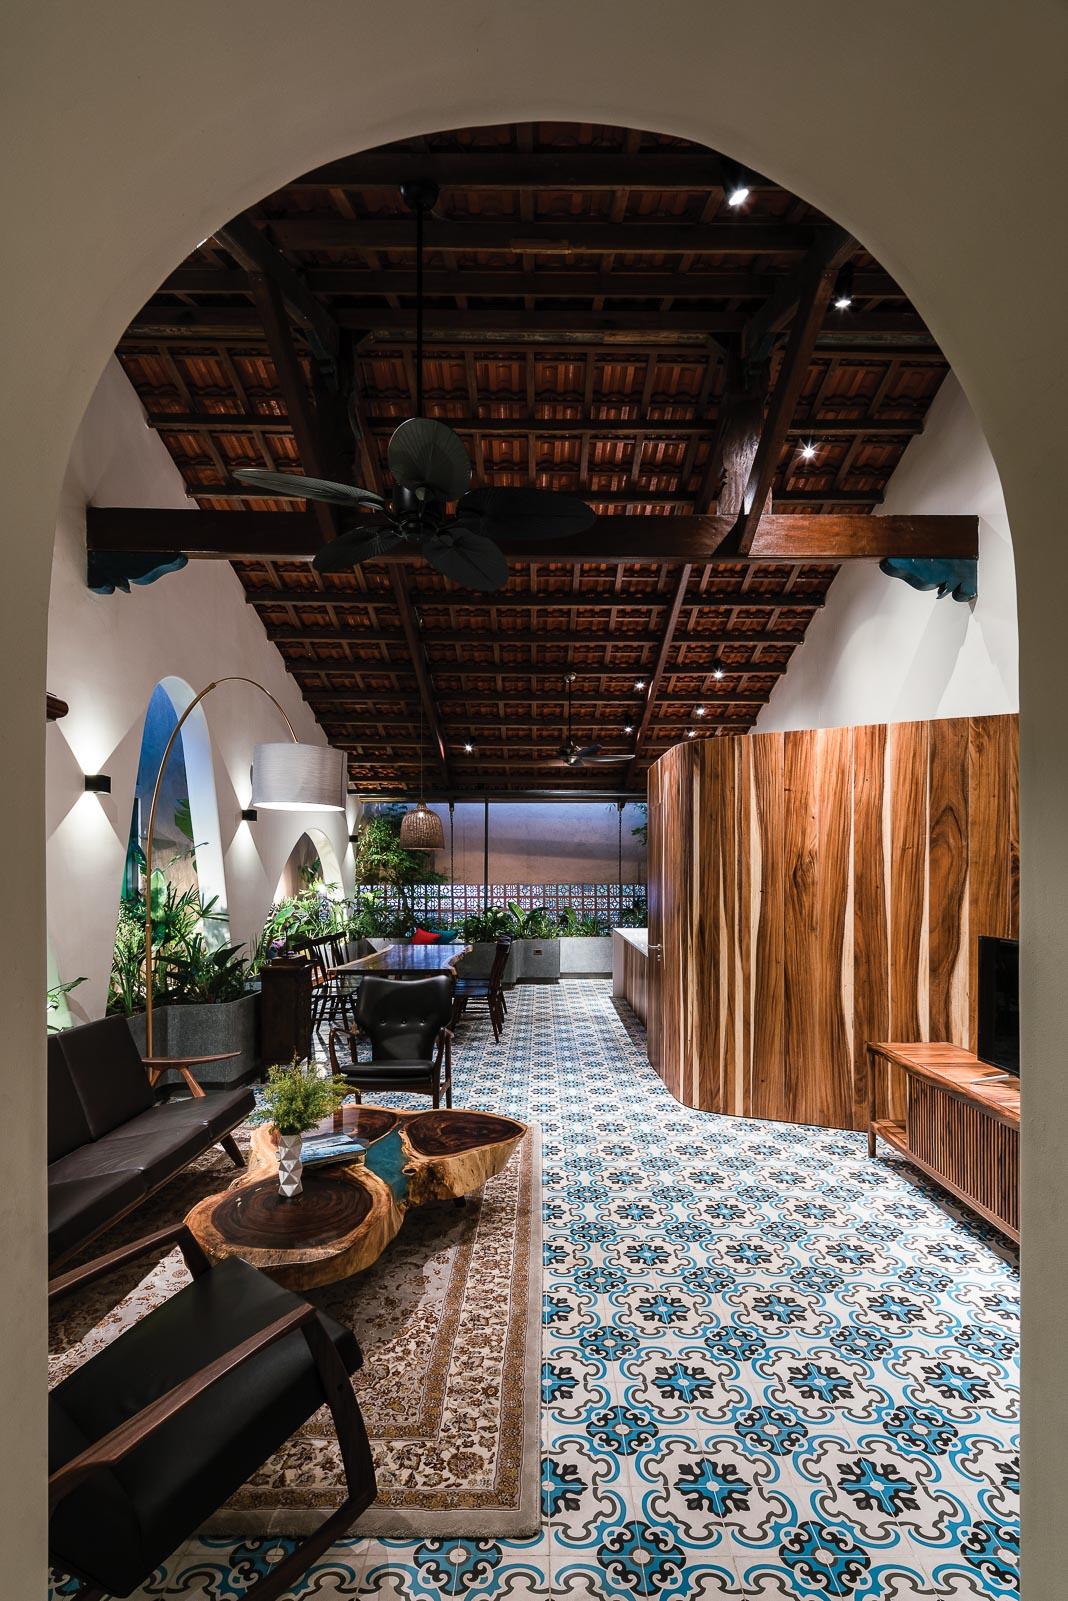 Khối gỗ giữa khu bếp và phòng khách có vai trò khá lớn, để đóng, mở và dẫn dắt cảm xúc của không gian ở nhiều thời điểm khác nhau trong ngày khi tương tác với ánh sáng và mảng xanh chung quanh 1